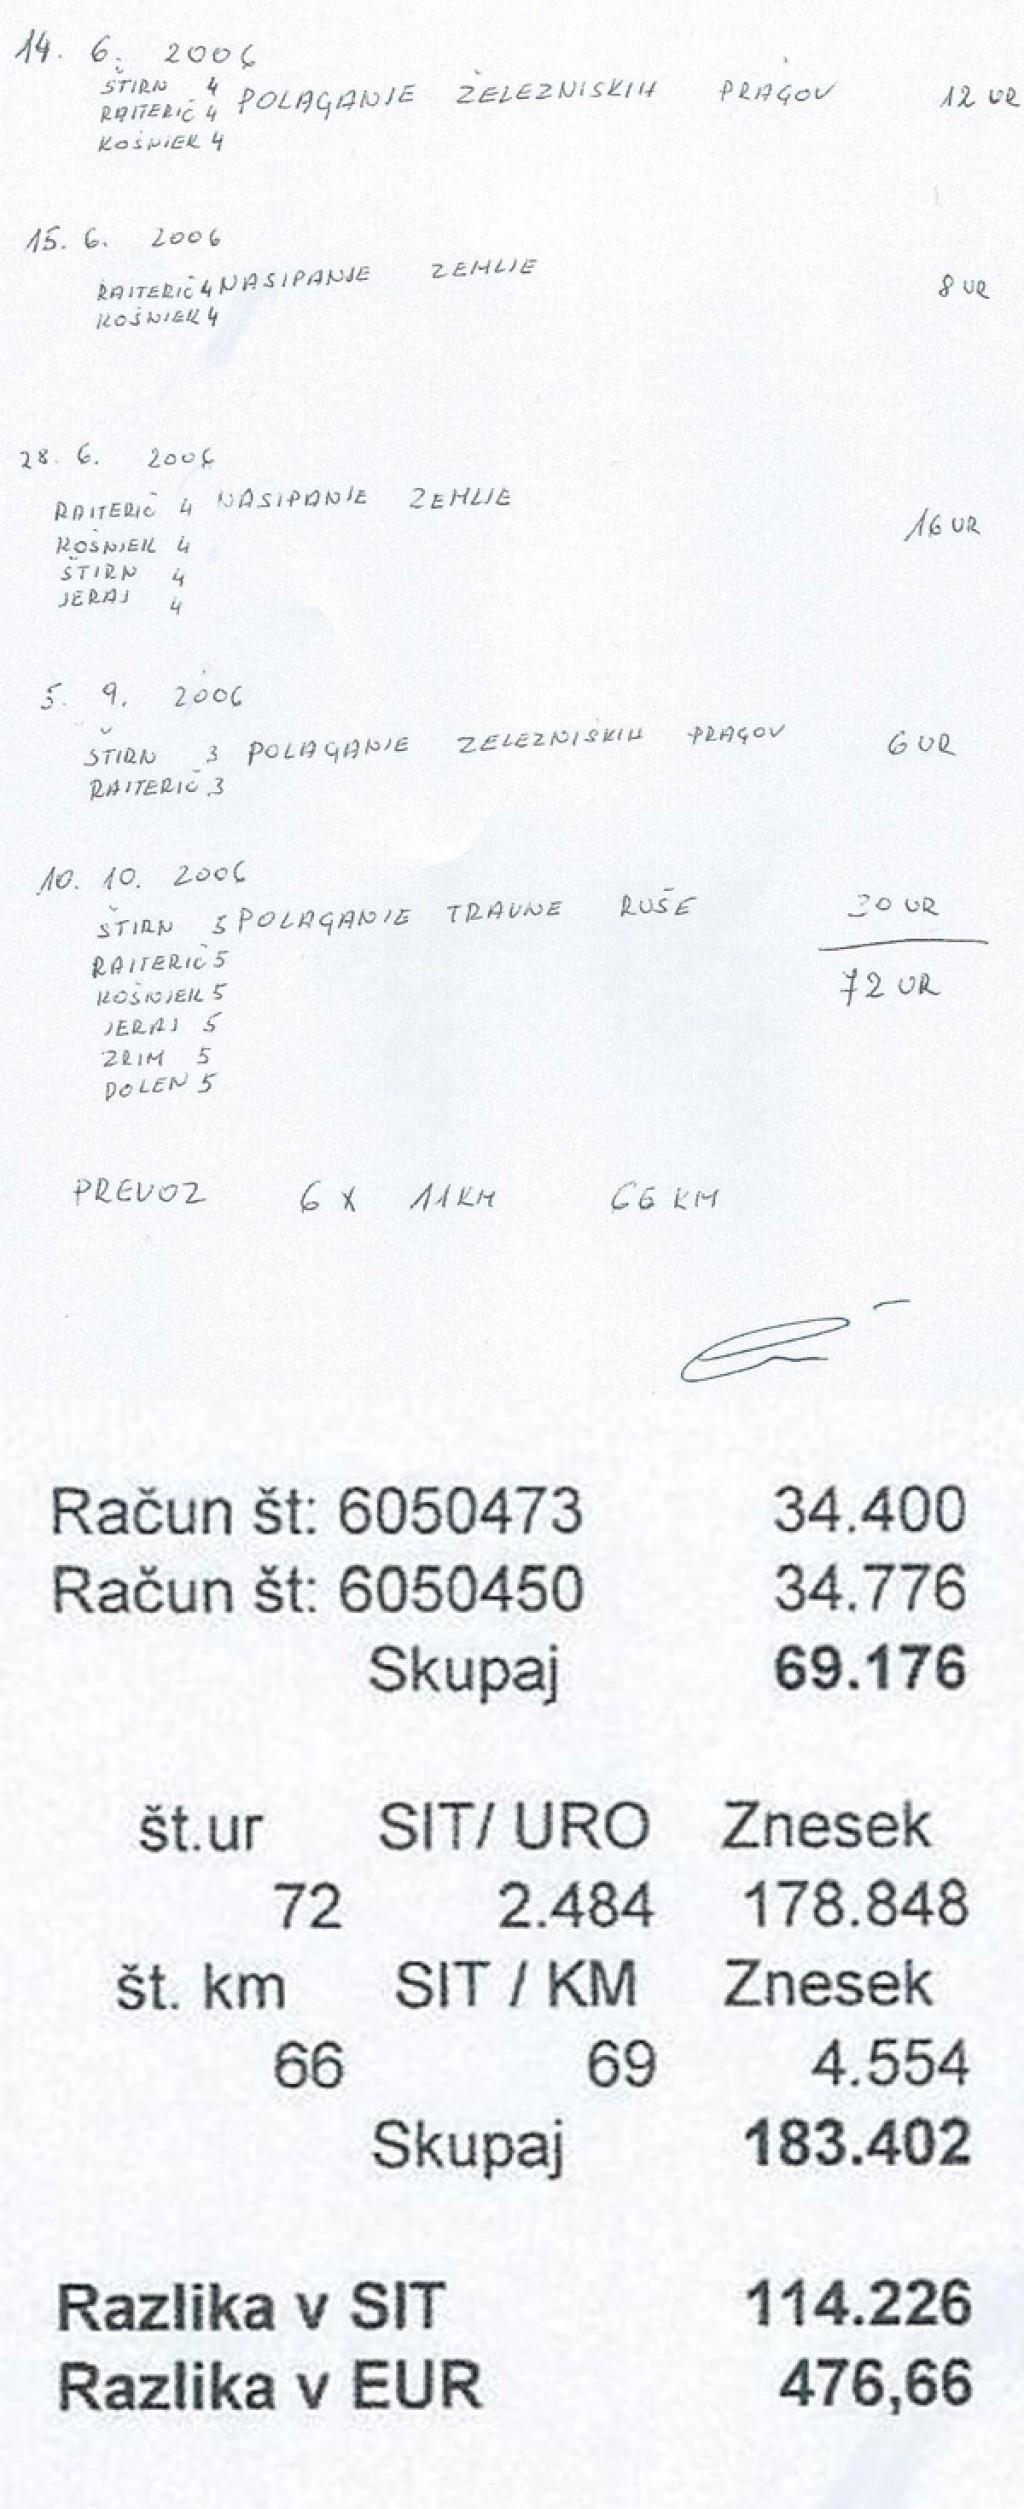 Obračun del, opravljenih junija 2006, ki ga je naknadno sestavil Marjan Česen. Pri obračunu se je spet izgubilo skoraj 500 evrov v korist Alenke Bratušek in v škodo zavoda Brdo.